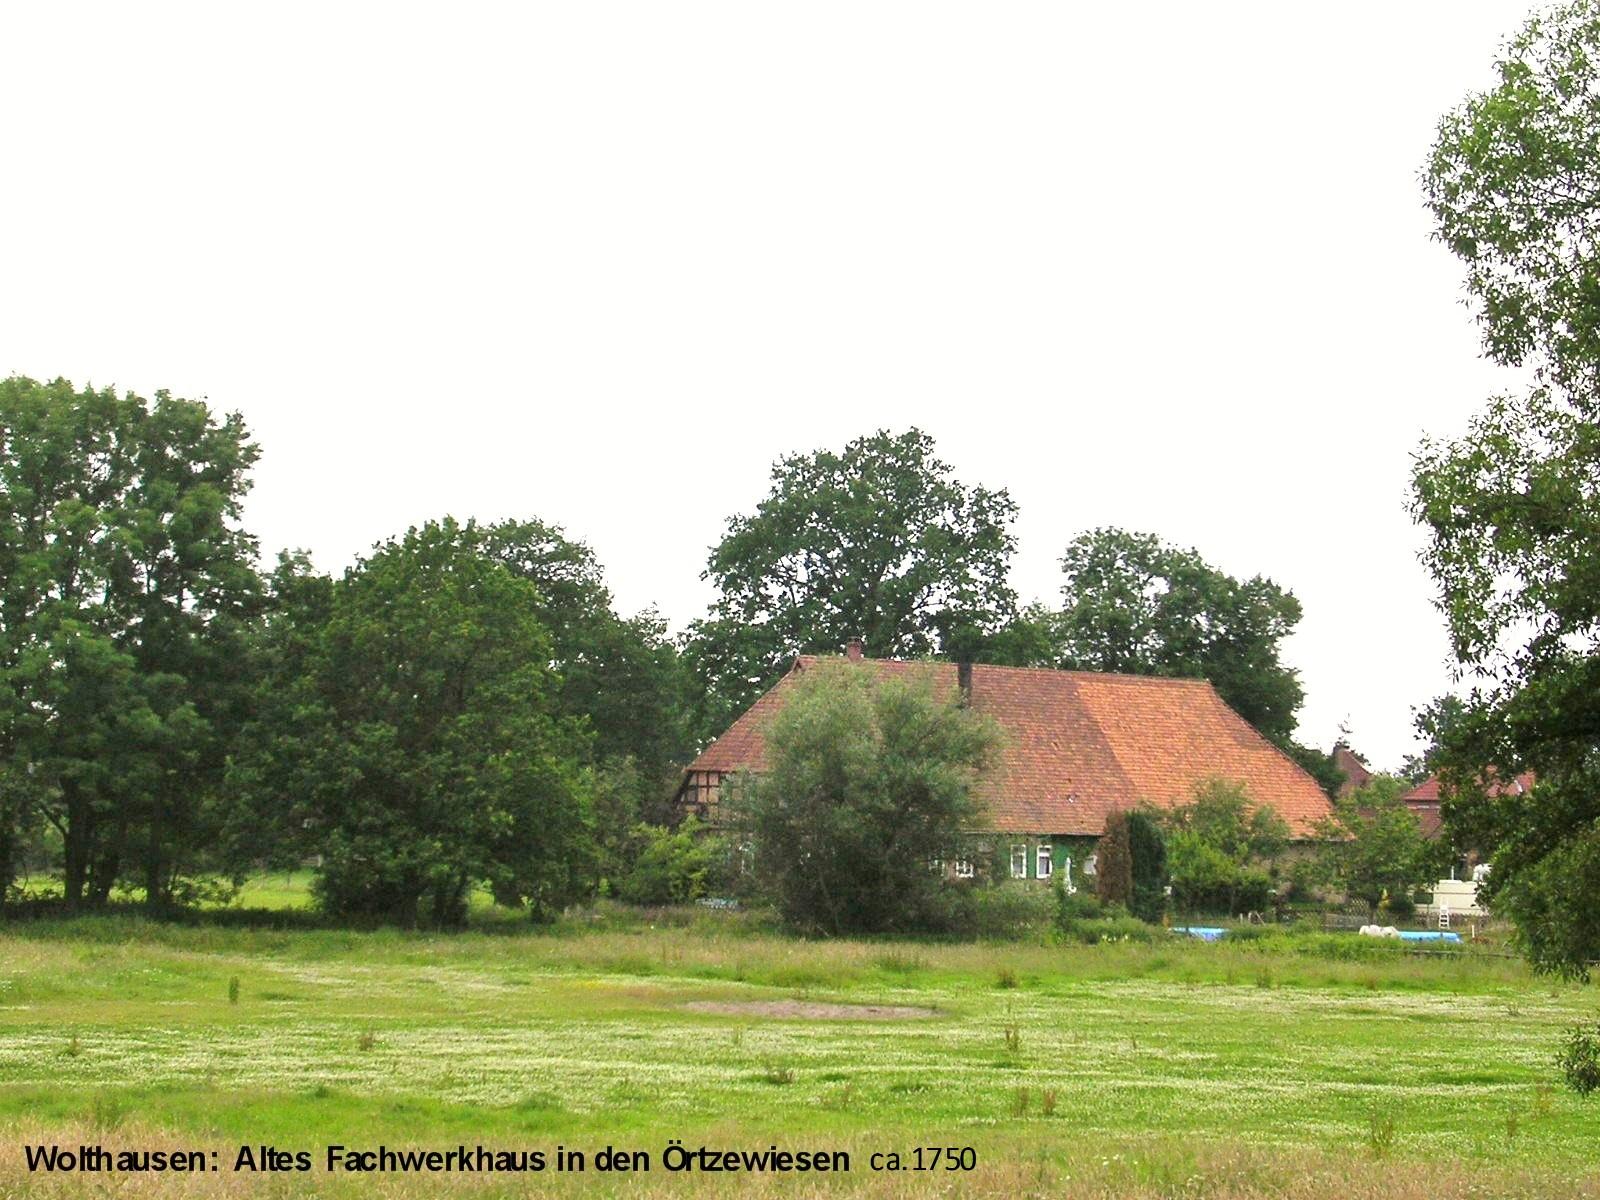 a-wolthausen-1750-haus-in-oertze-wiesen